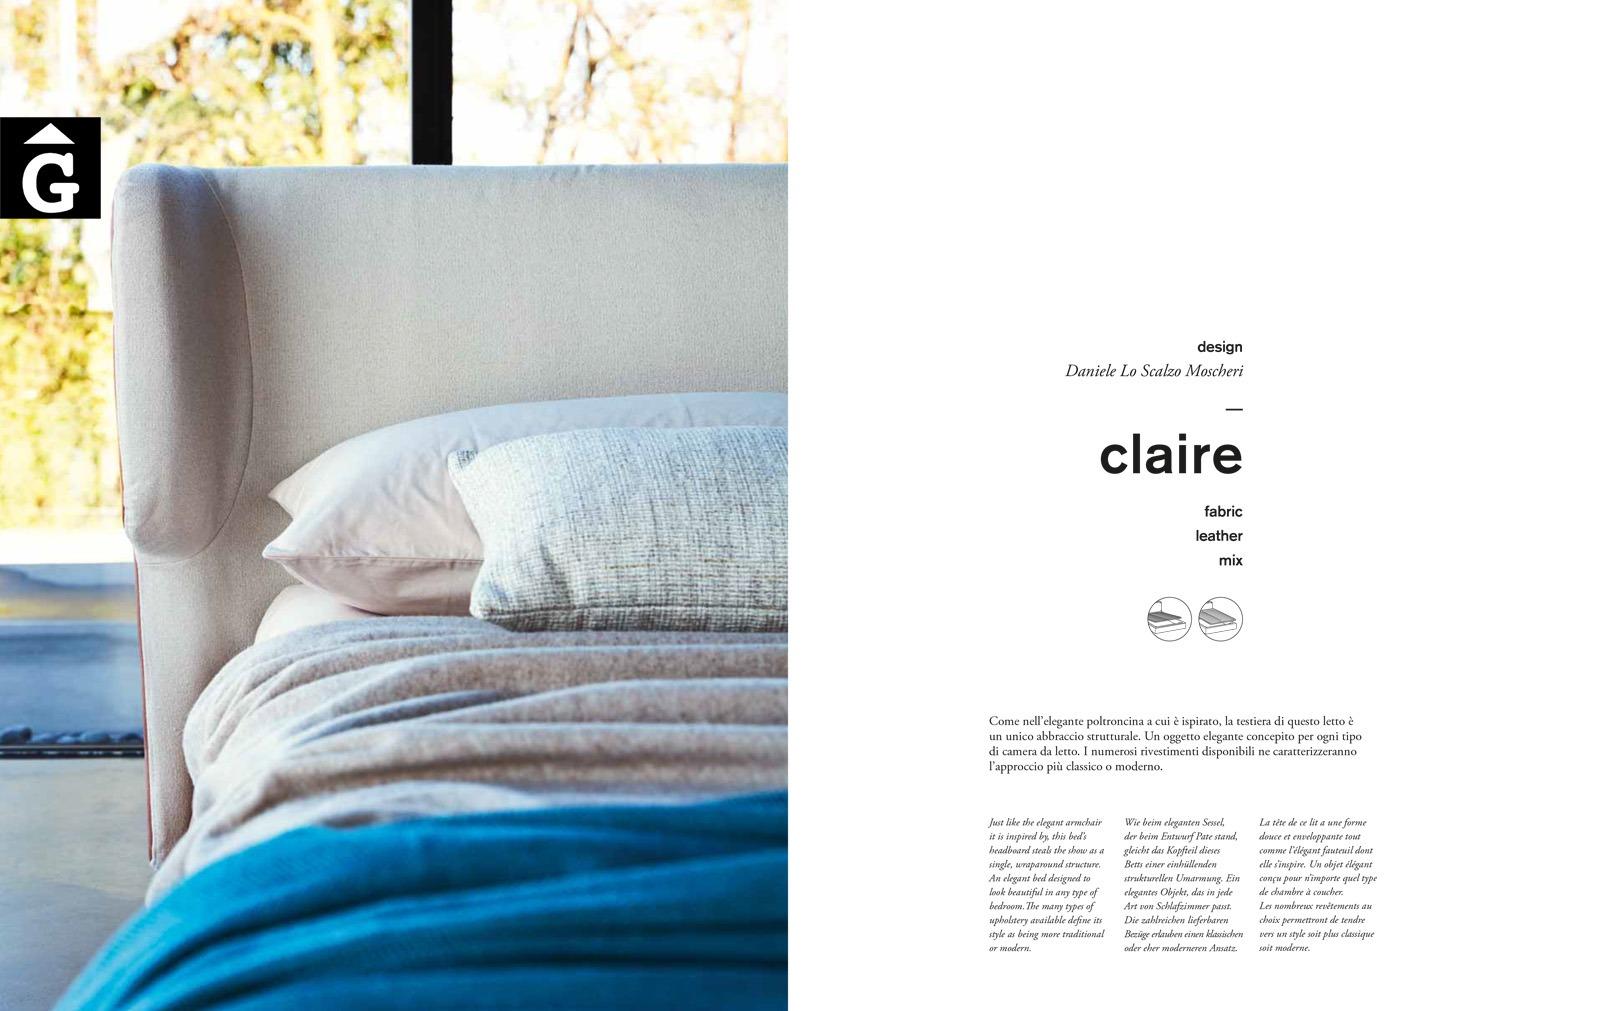 Claire llit entapissat - Ditre Italia llits entapissats disseny i qualitat alta by mobles Gifreu